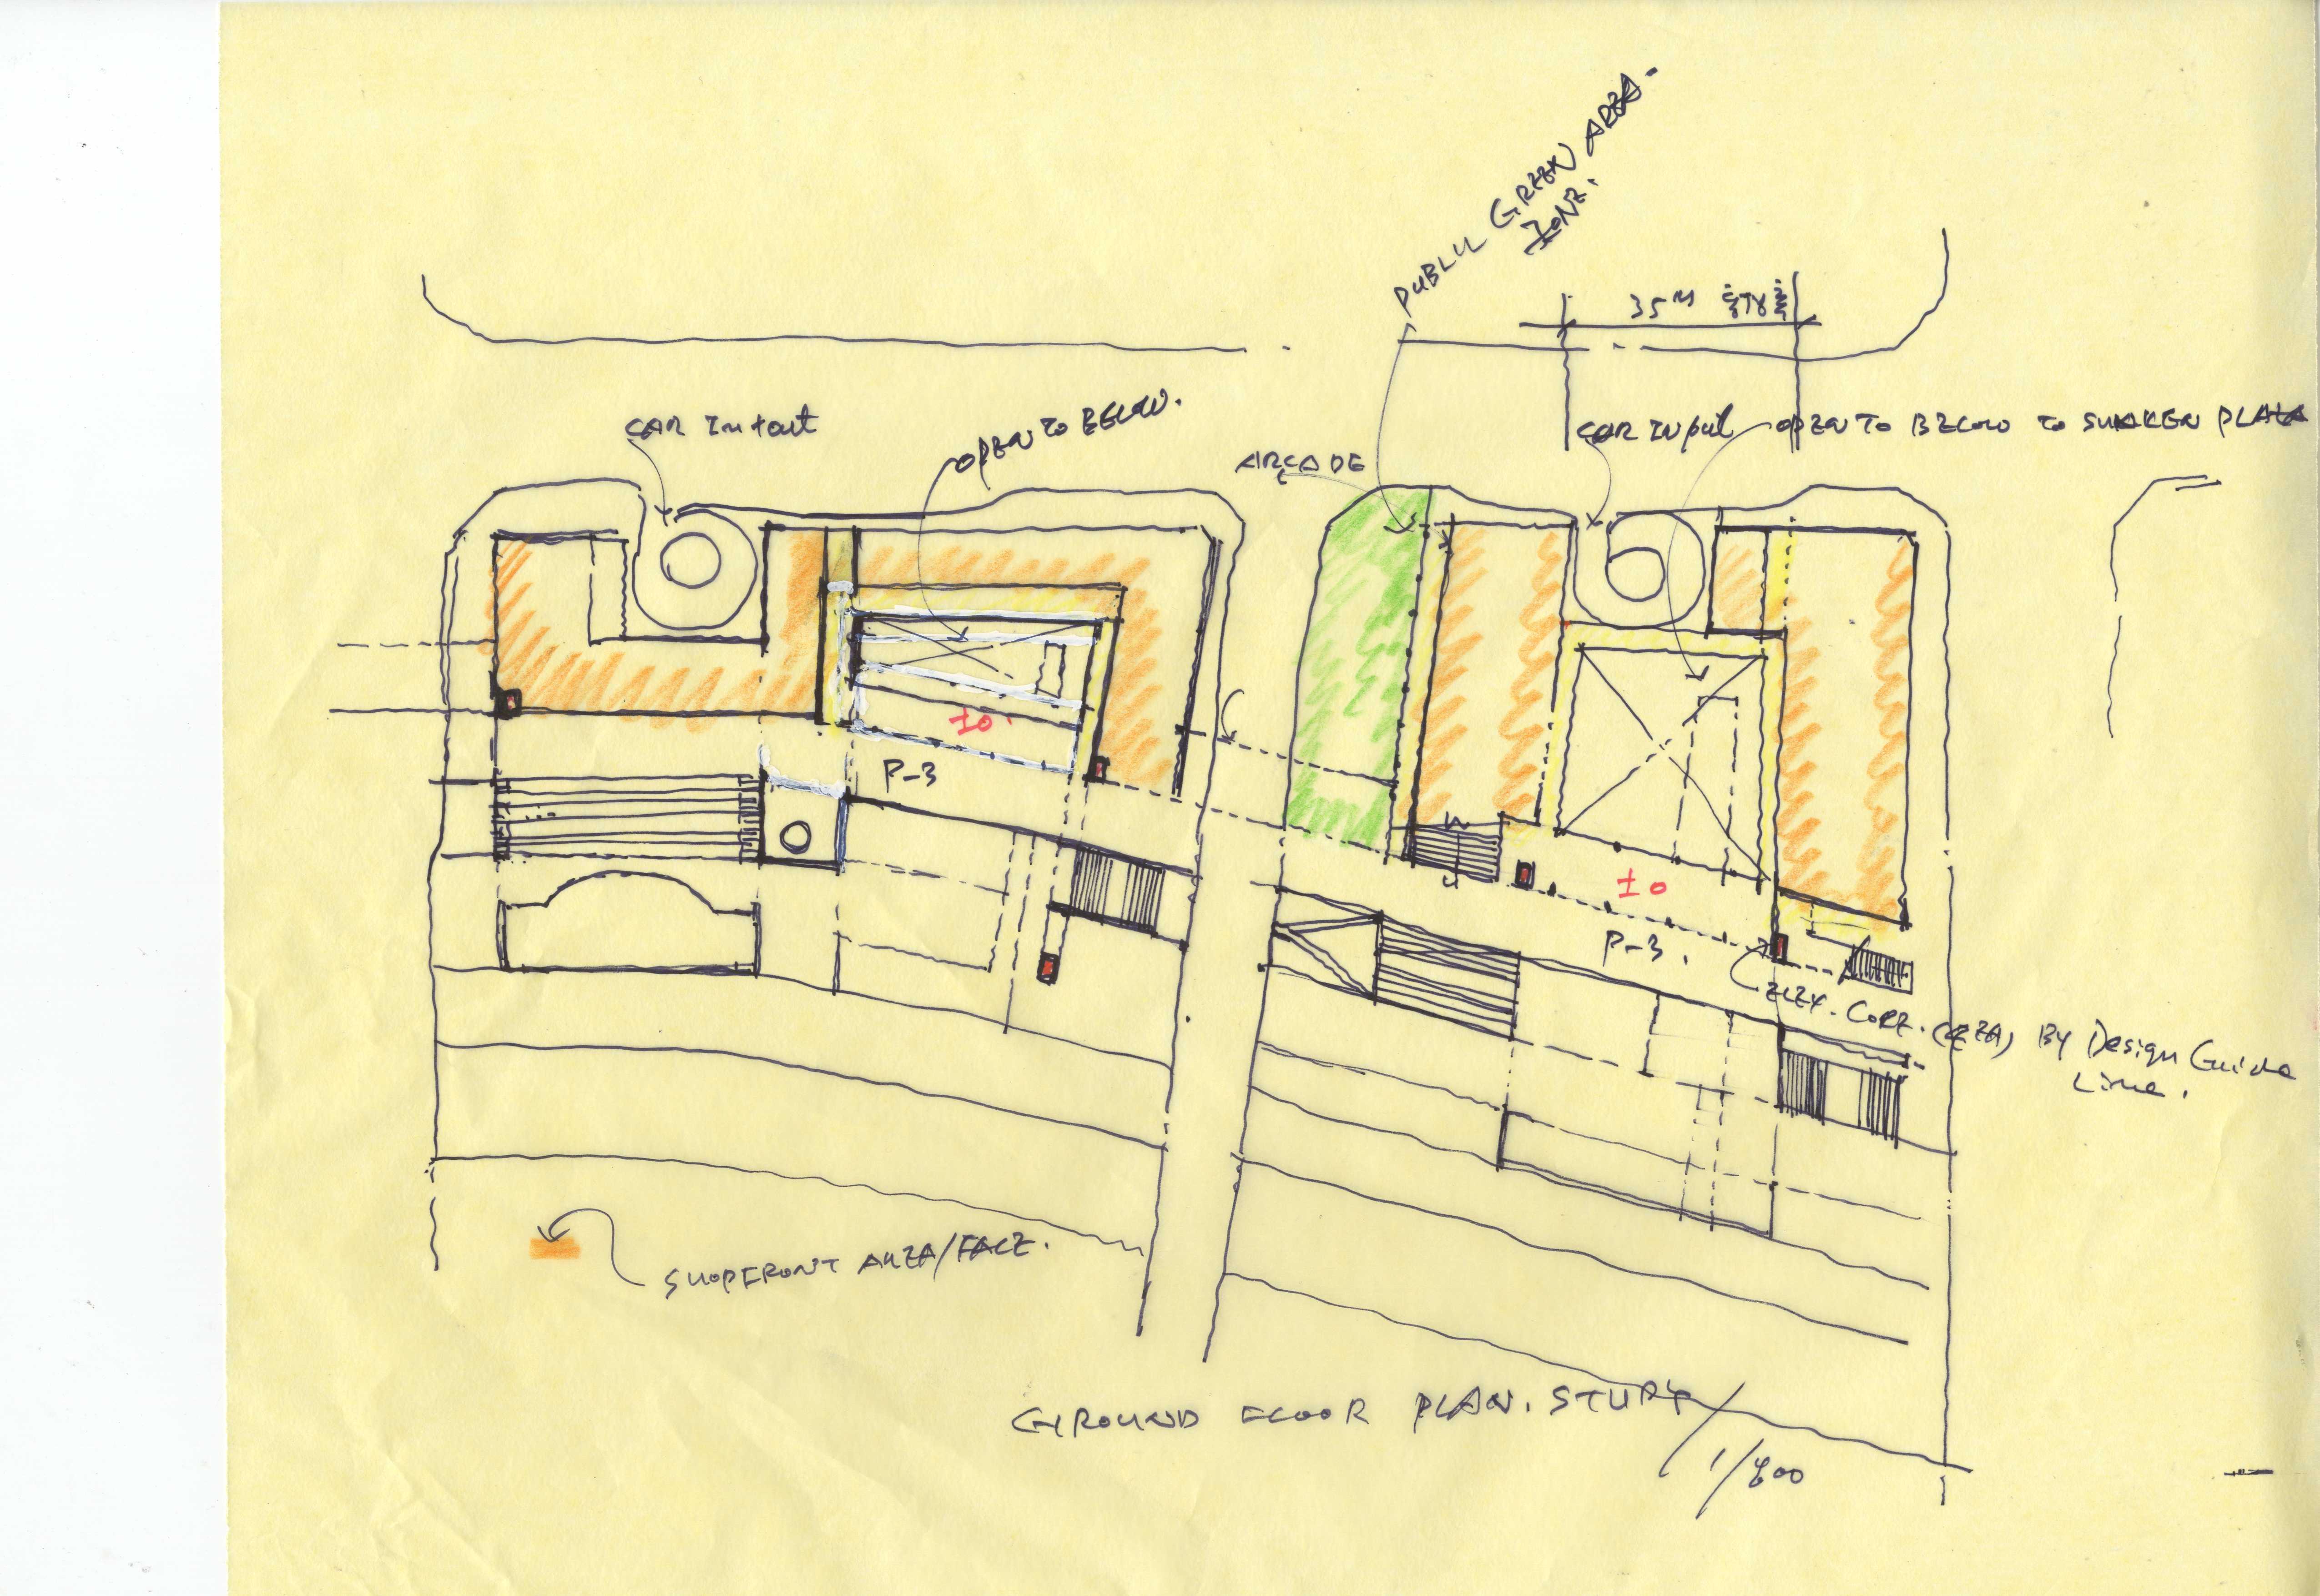 http://www.parkjongsung.com/board/data/file/hand_sketchs/img172.jpg